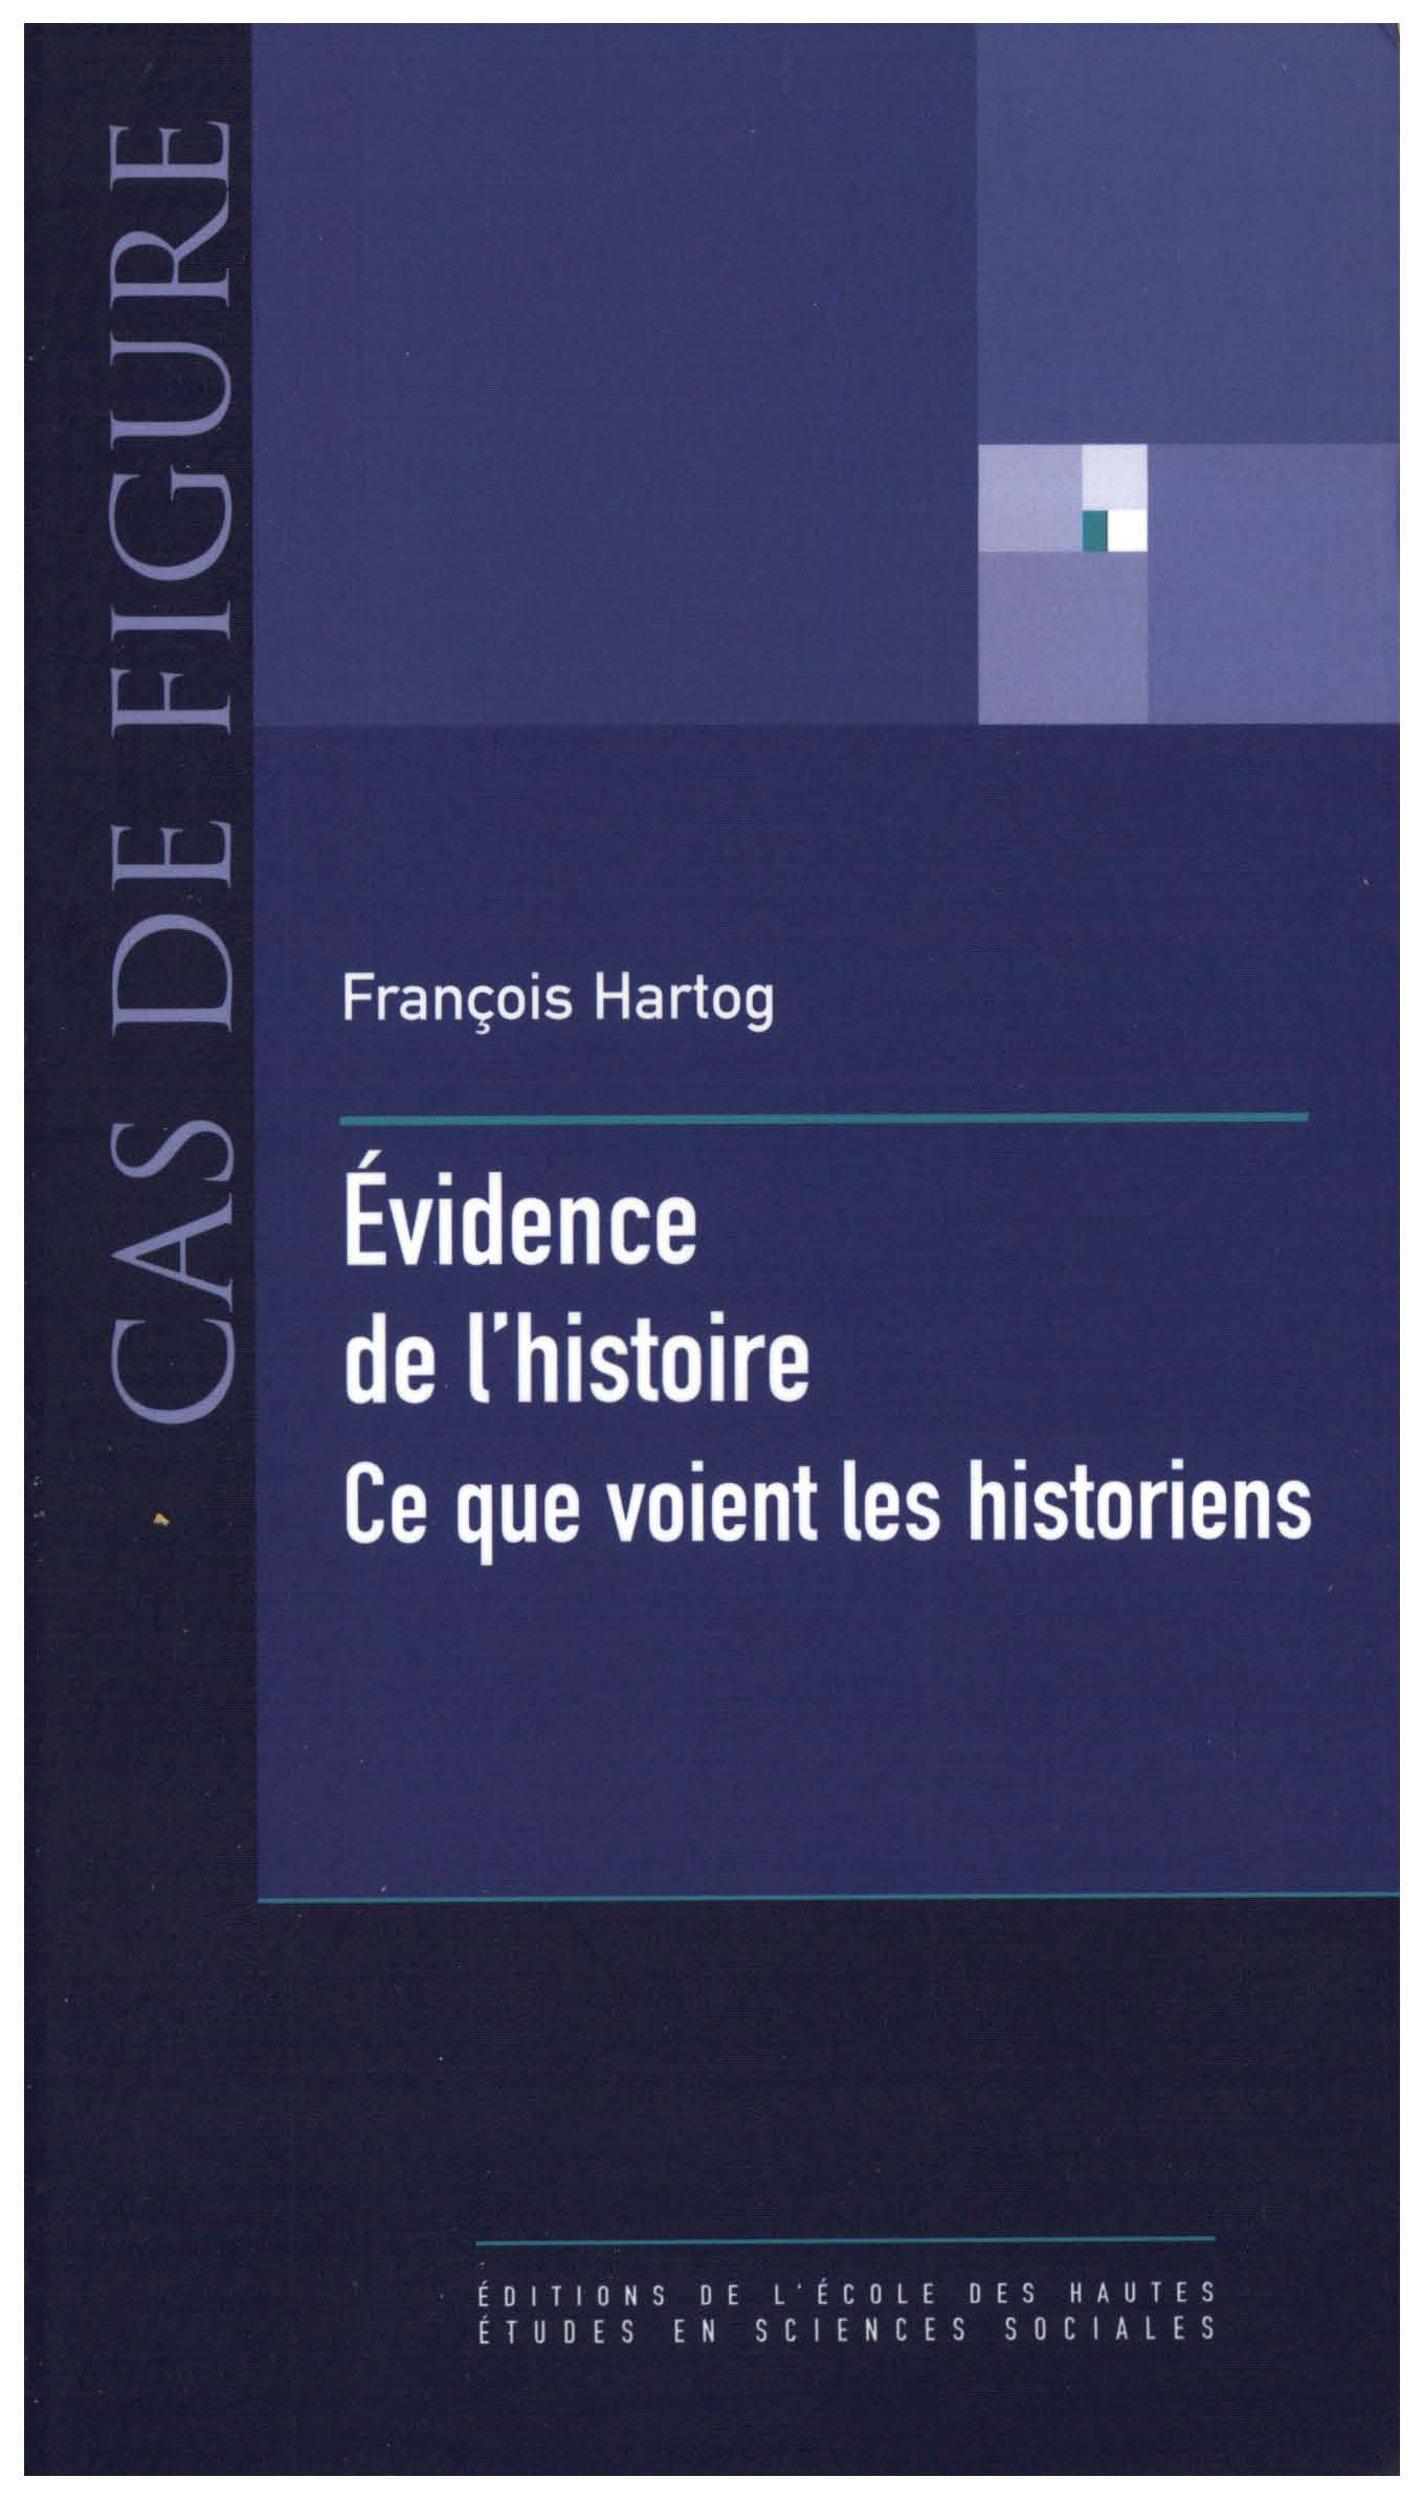 Evidence de l'histoire - ce que voient les historiens